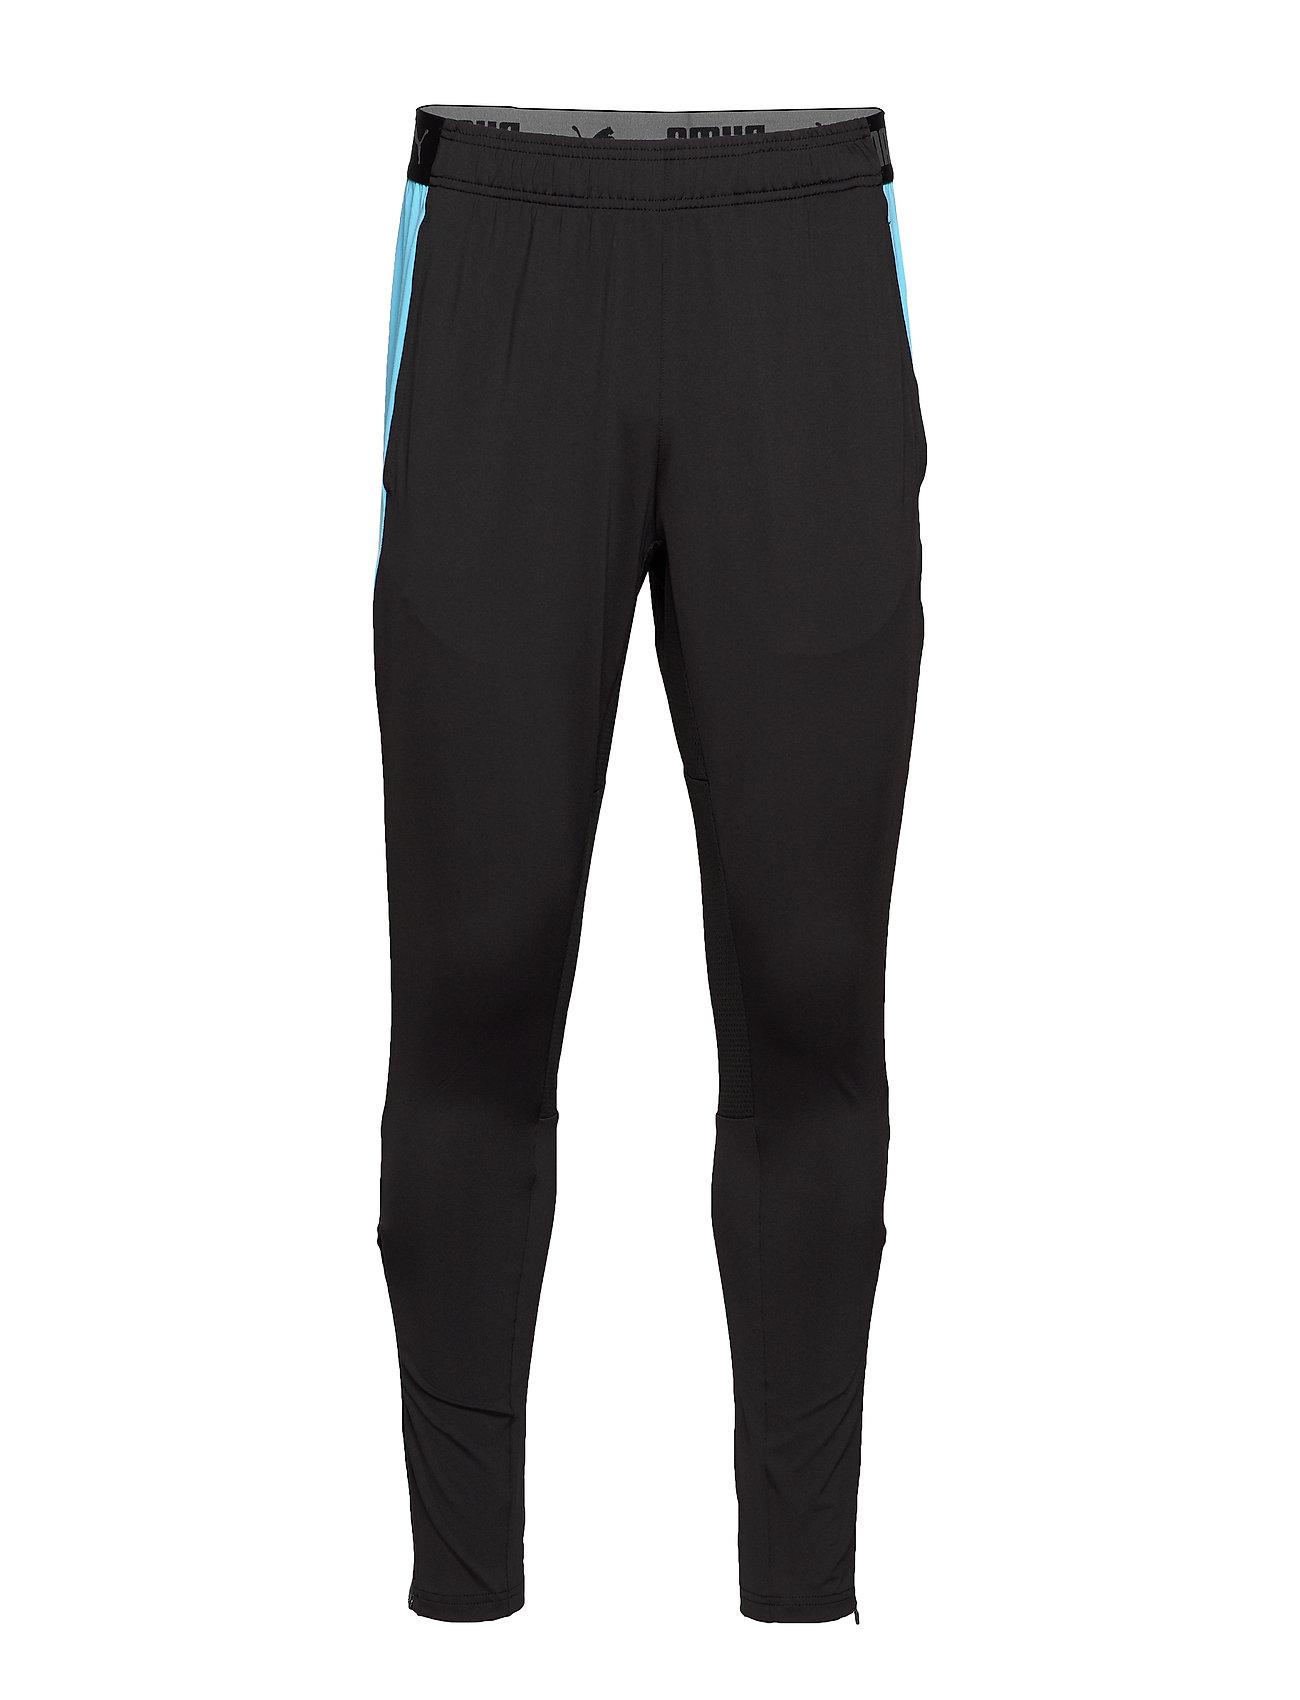 Image of Ftblnxt Pant Sport Pants Blå PUMA (3303358941)